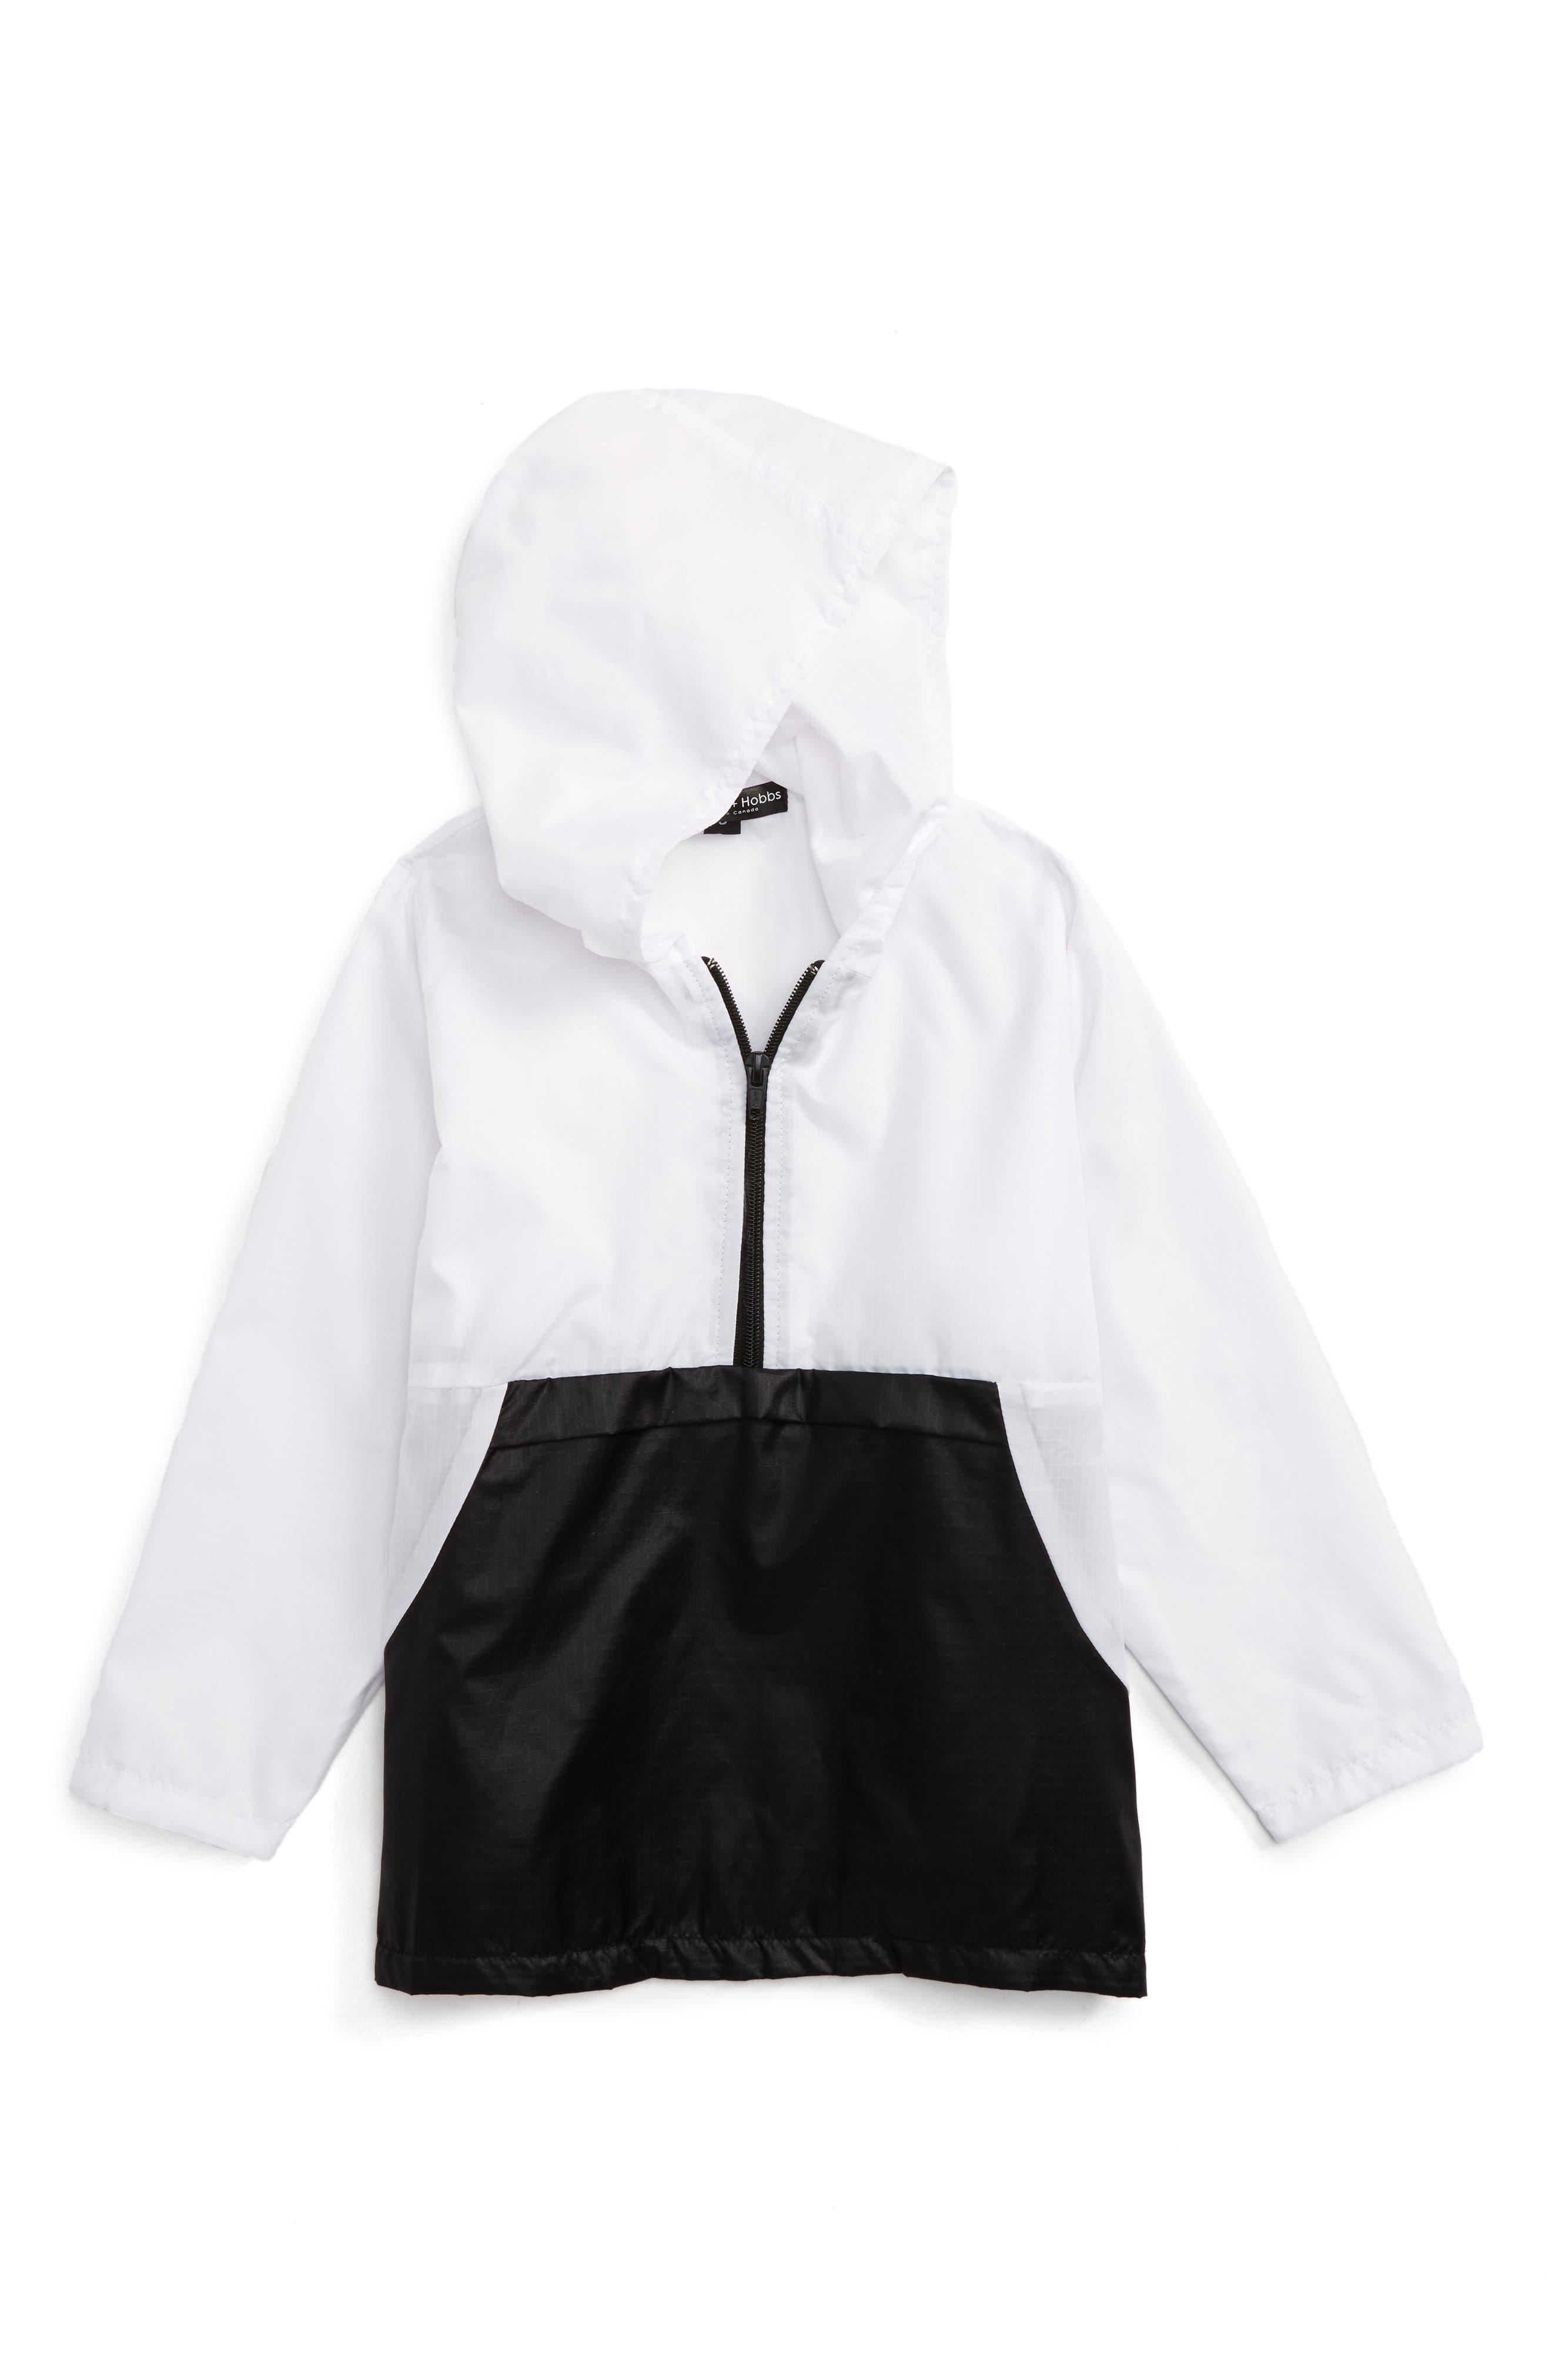 Two Tone Quarter Zip Jacket,                             Main thumbnail 1, color,                             Black/ White